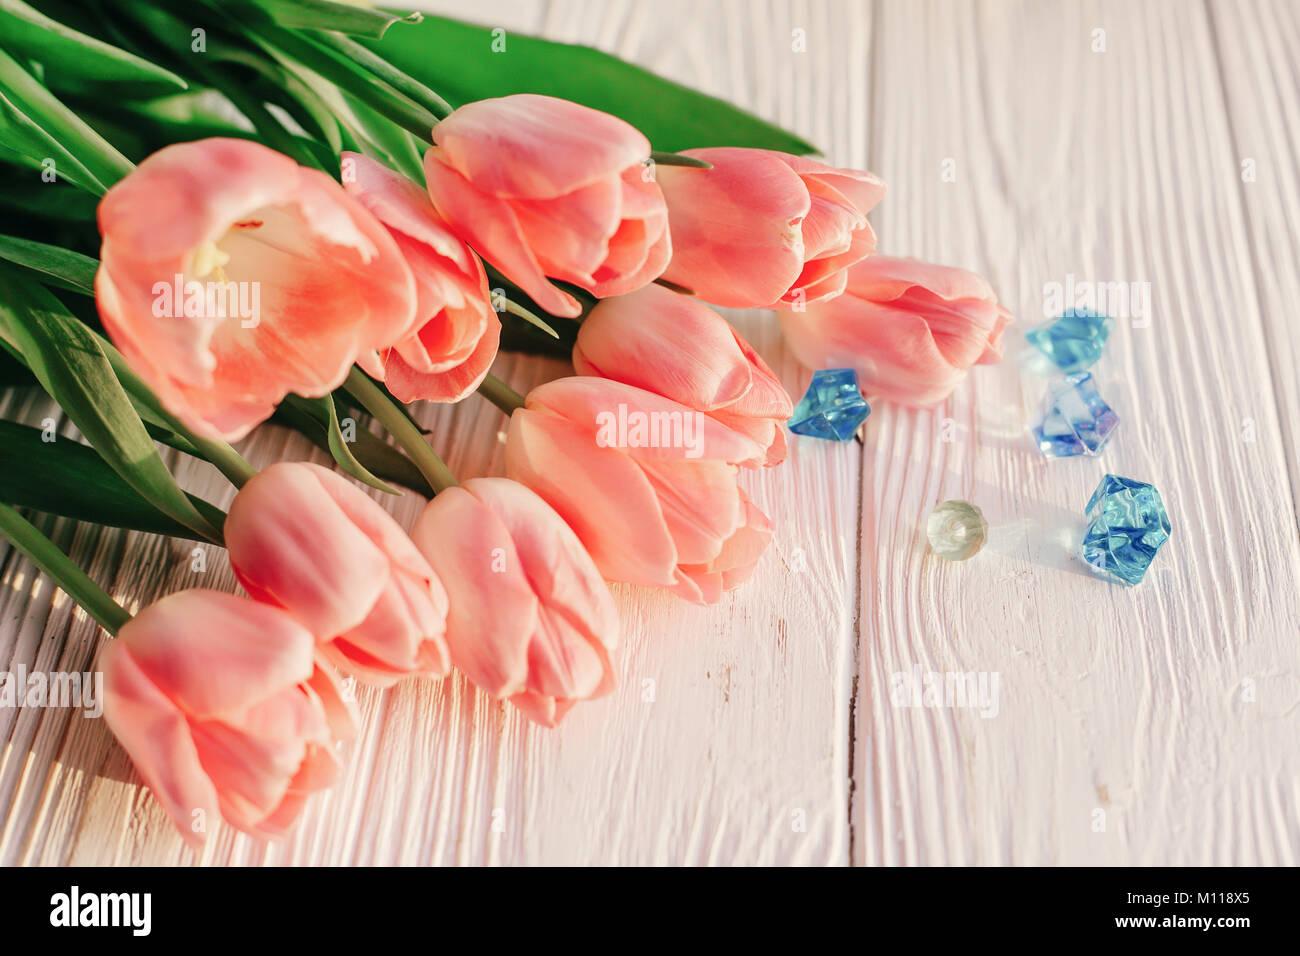 Blumen Landhausstil schöne rosa tulpen mit blaue edelsteine auf weißen holzmöbeln im